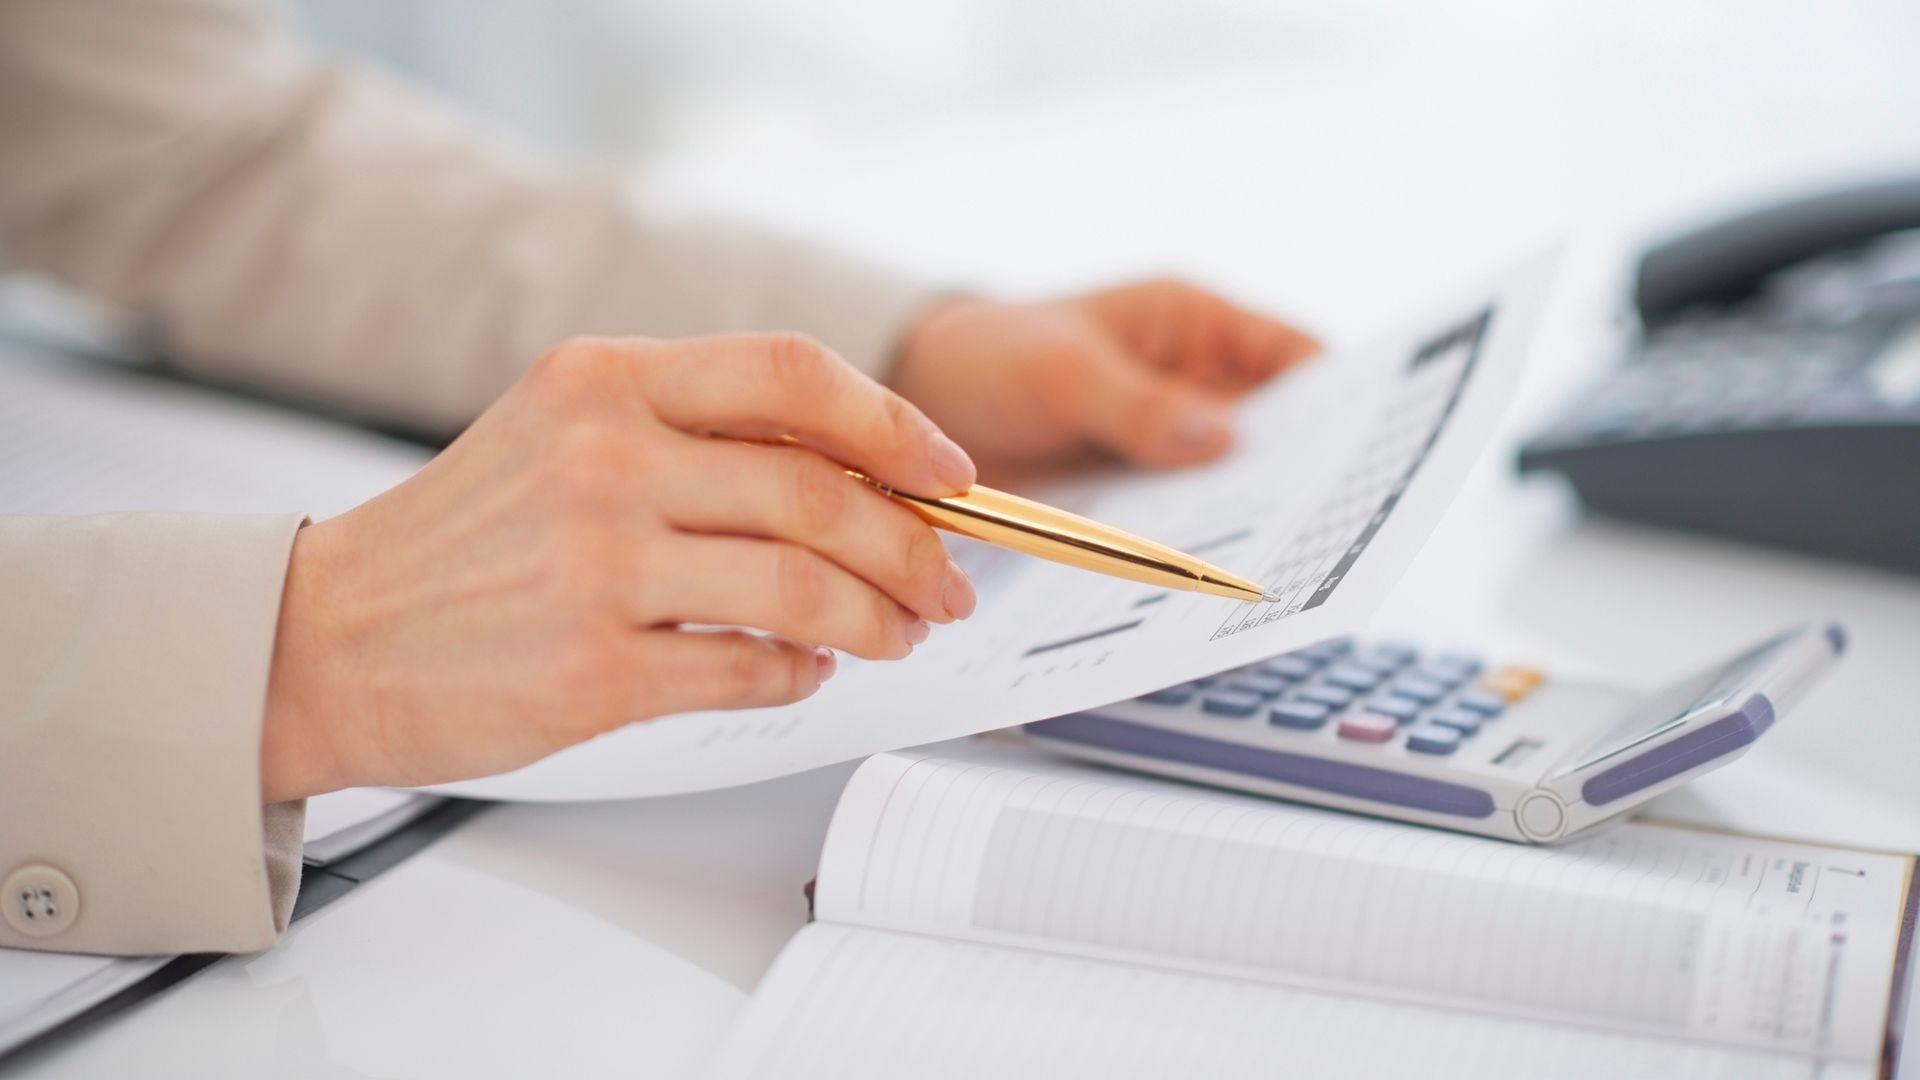 Gestoría contable y fiscal en Zaragoza